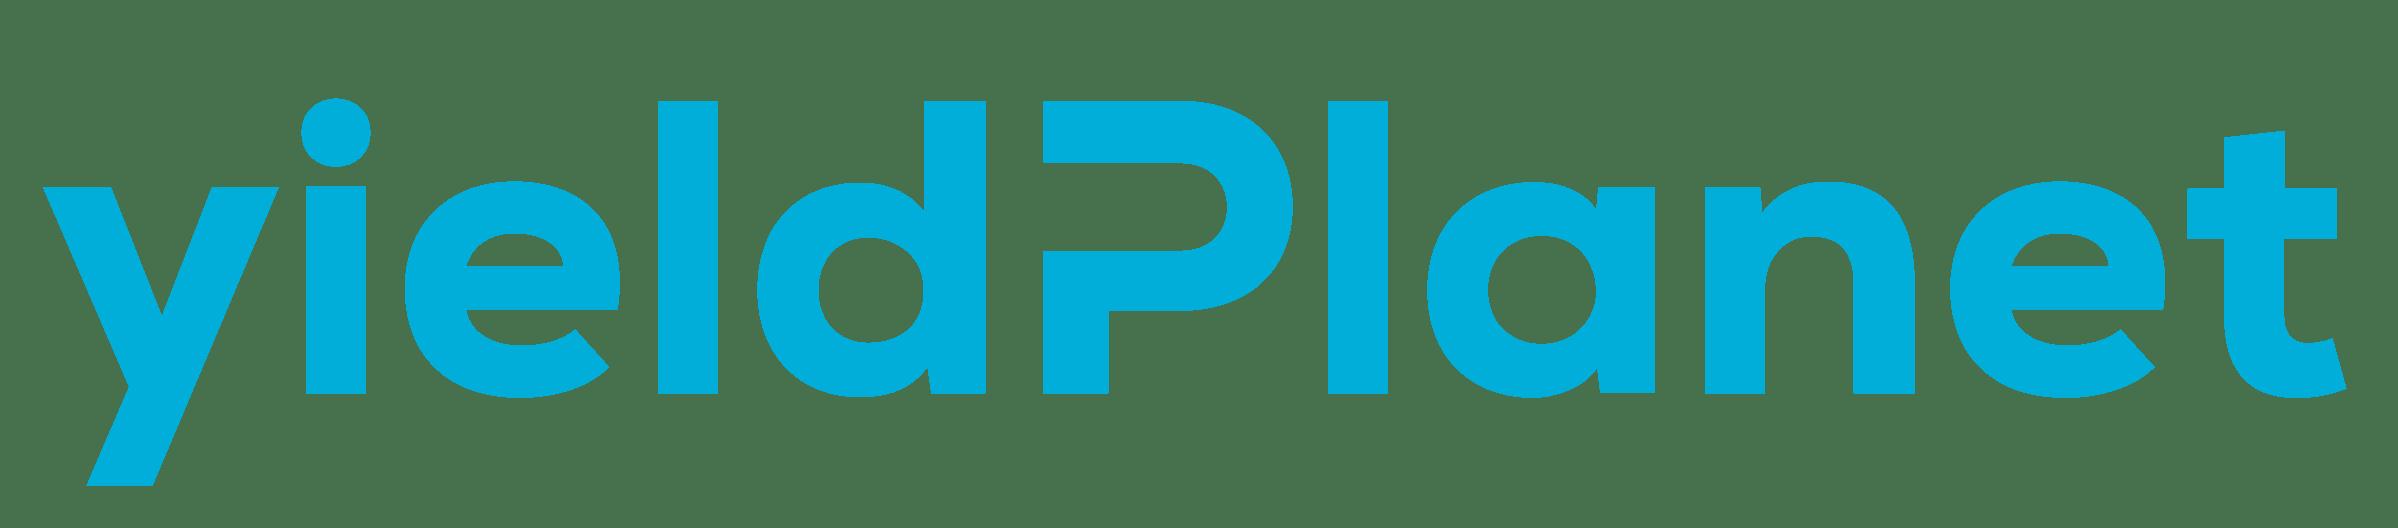 logo_yp_white_webpage_transp